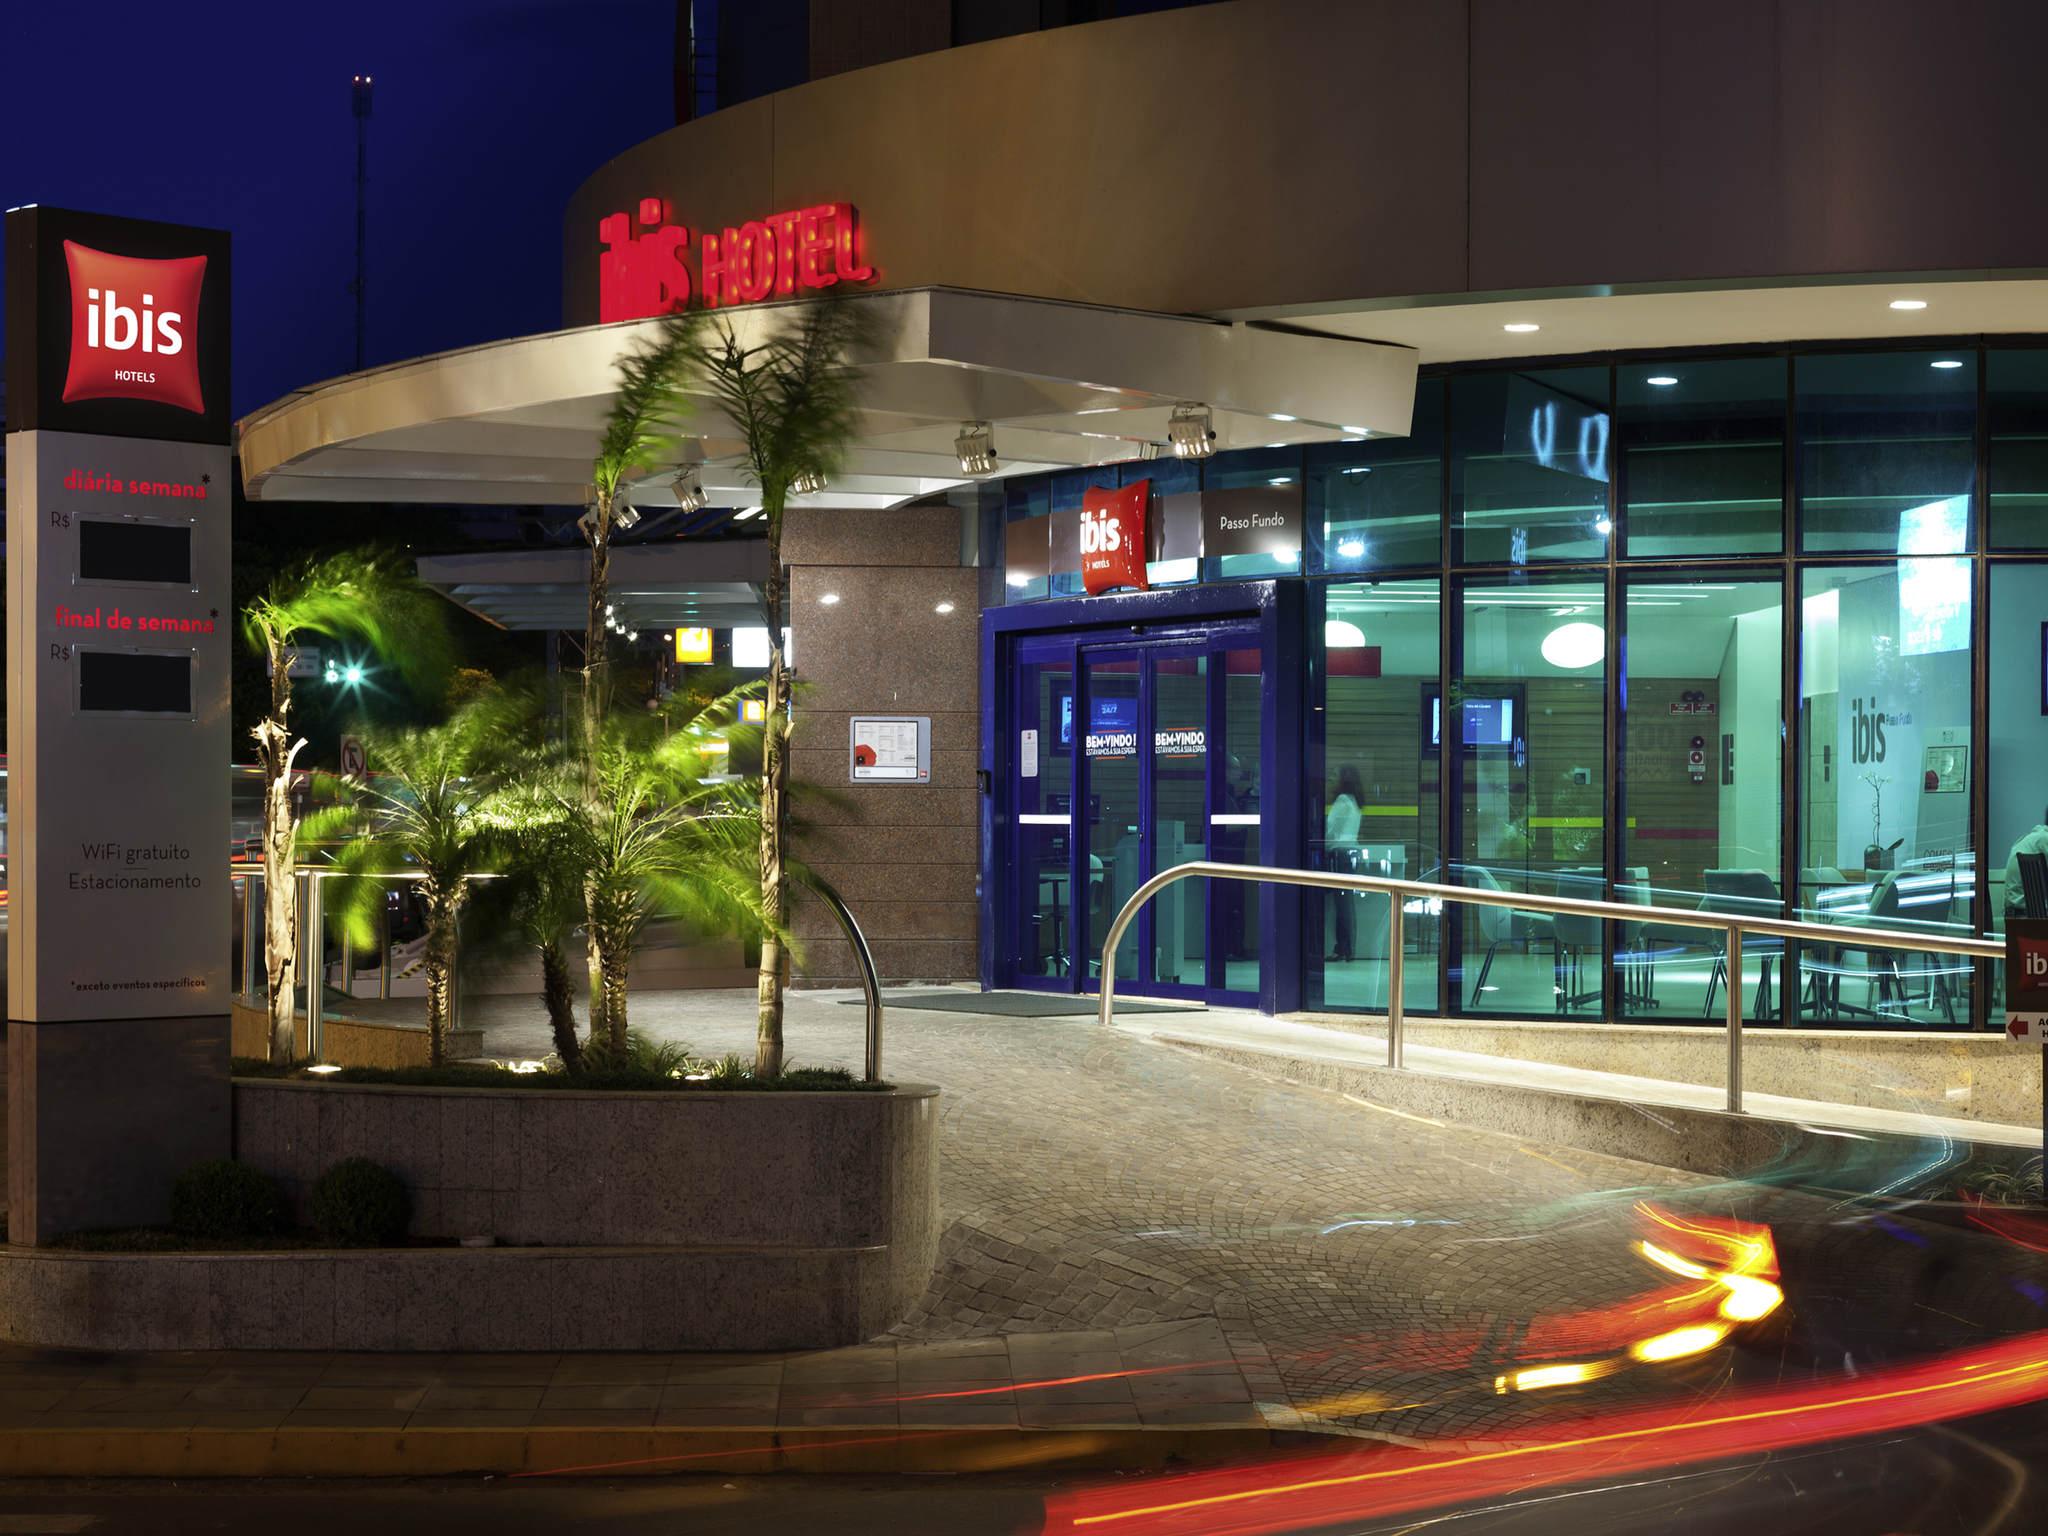 ホテル – ibis Passo Fundo Shopping